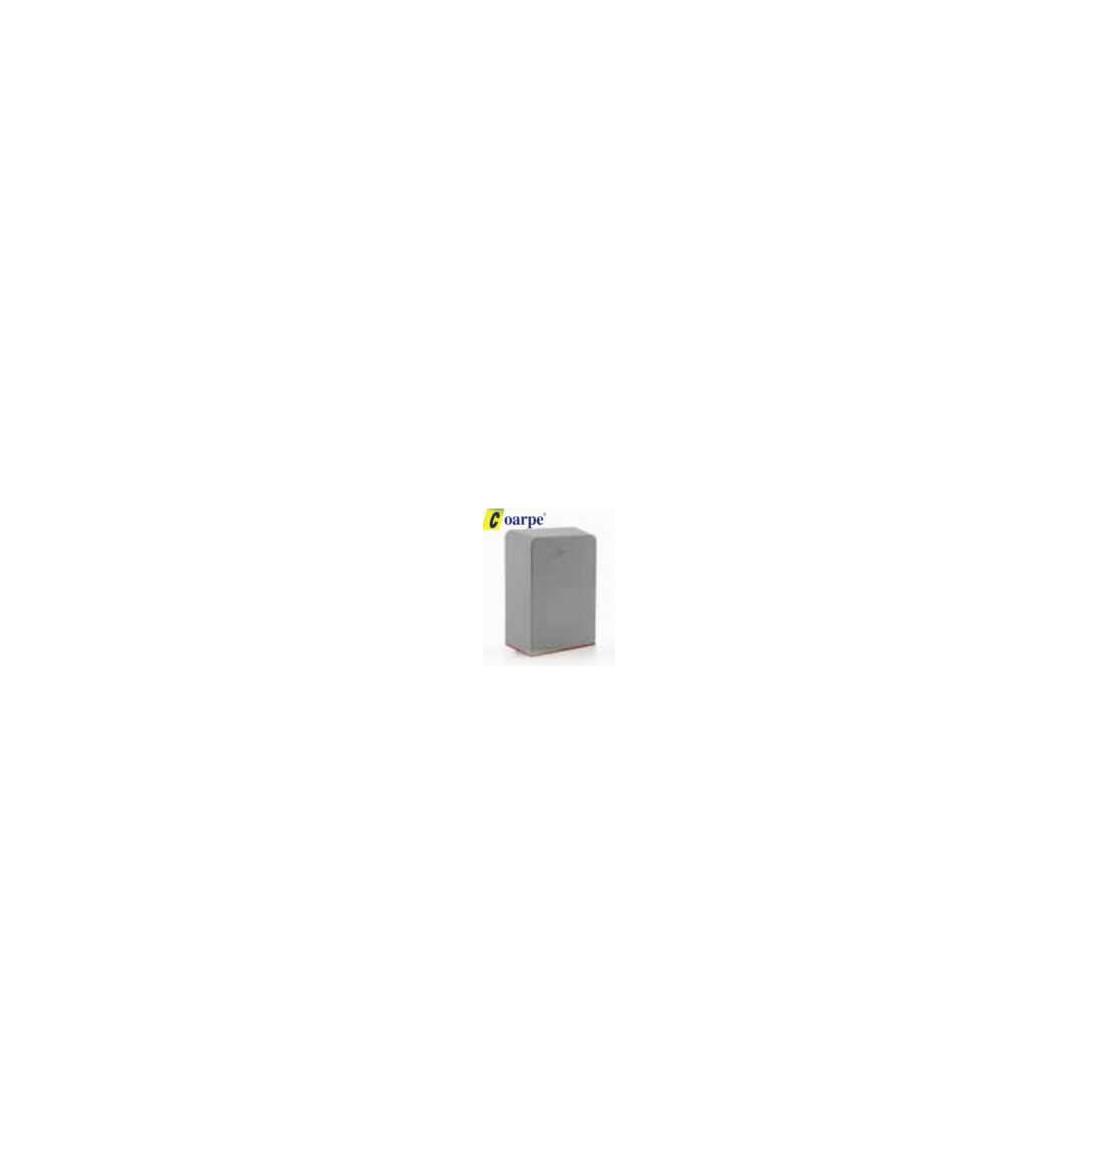 Cuadro básico para persianas con salida 24 V